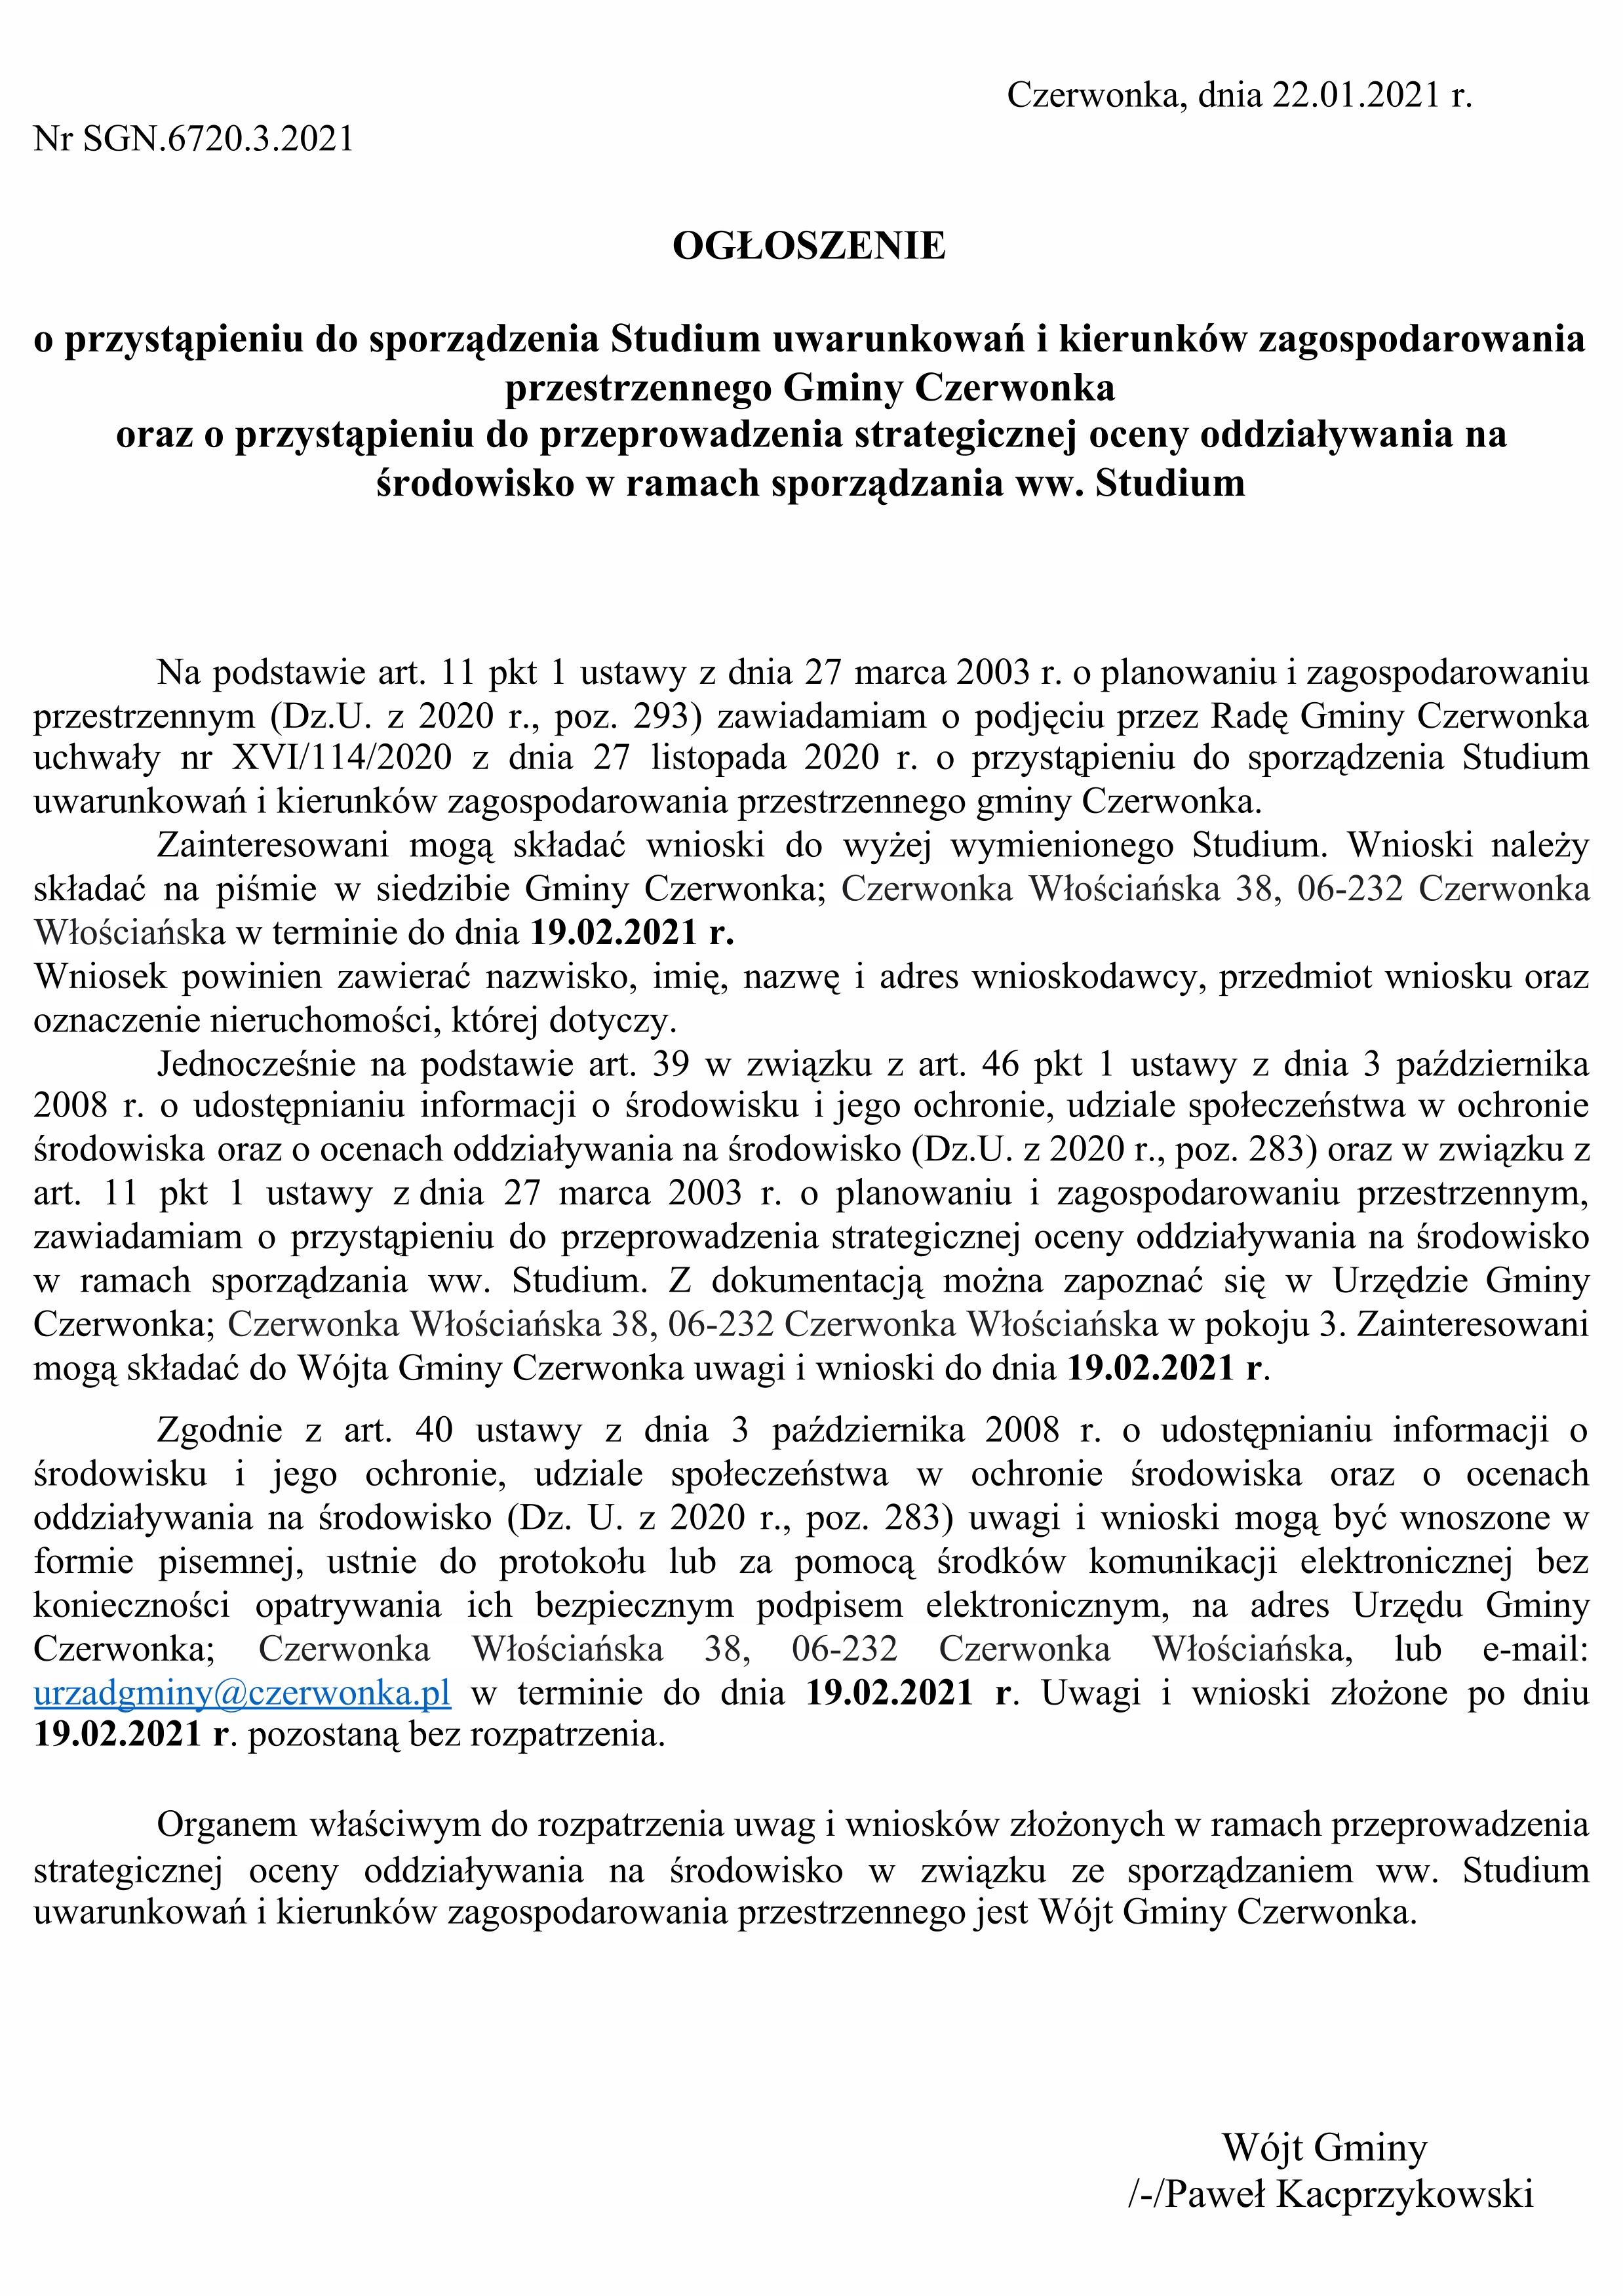 https://m.wm.pl/2021/01/orig/ogloszenie-gmina-czerwonka-674247.jpg